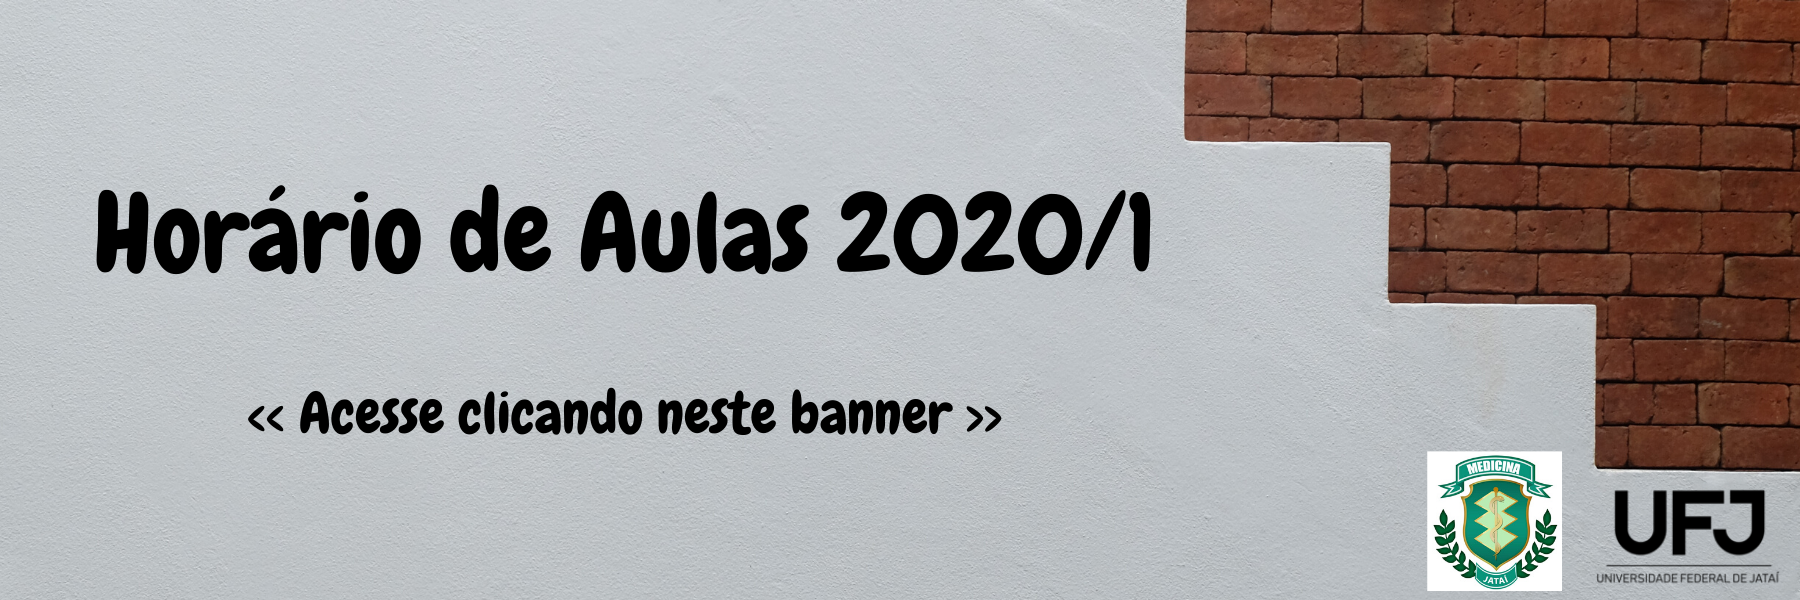 Banner_Horario_de_Aulas